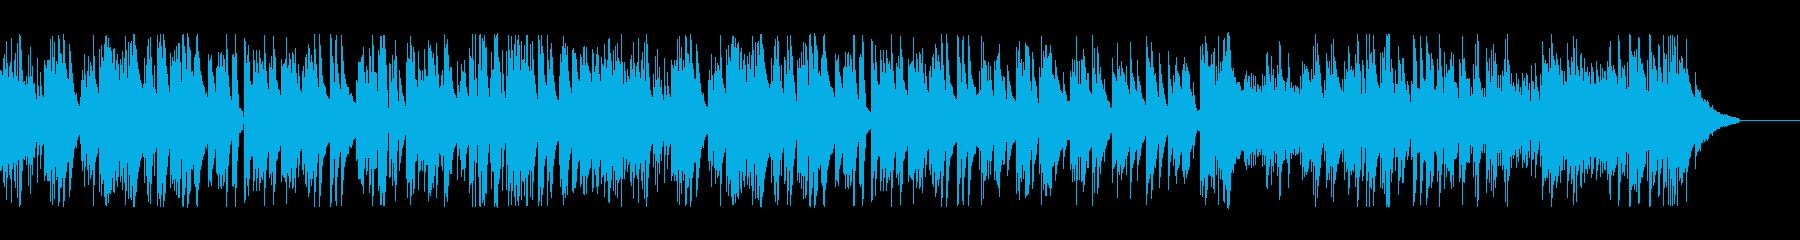 クラシック サスペンス 技術的な ...の再生済みの波形